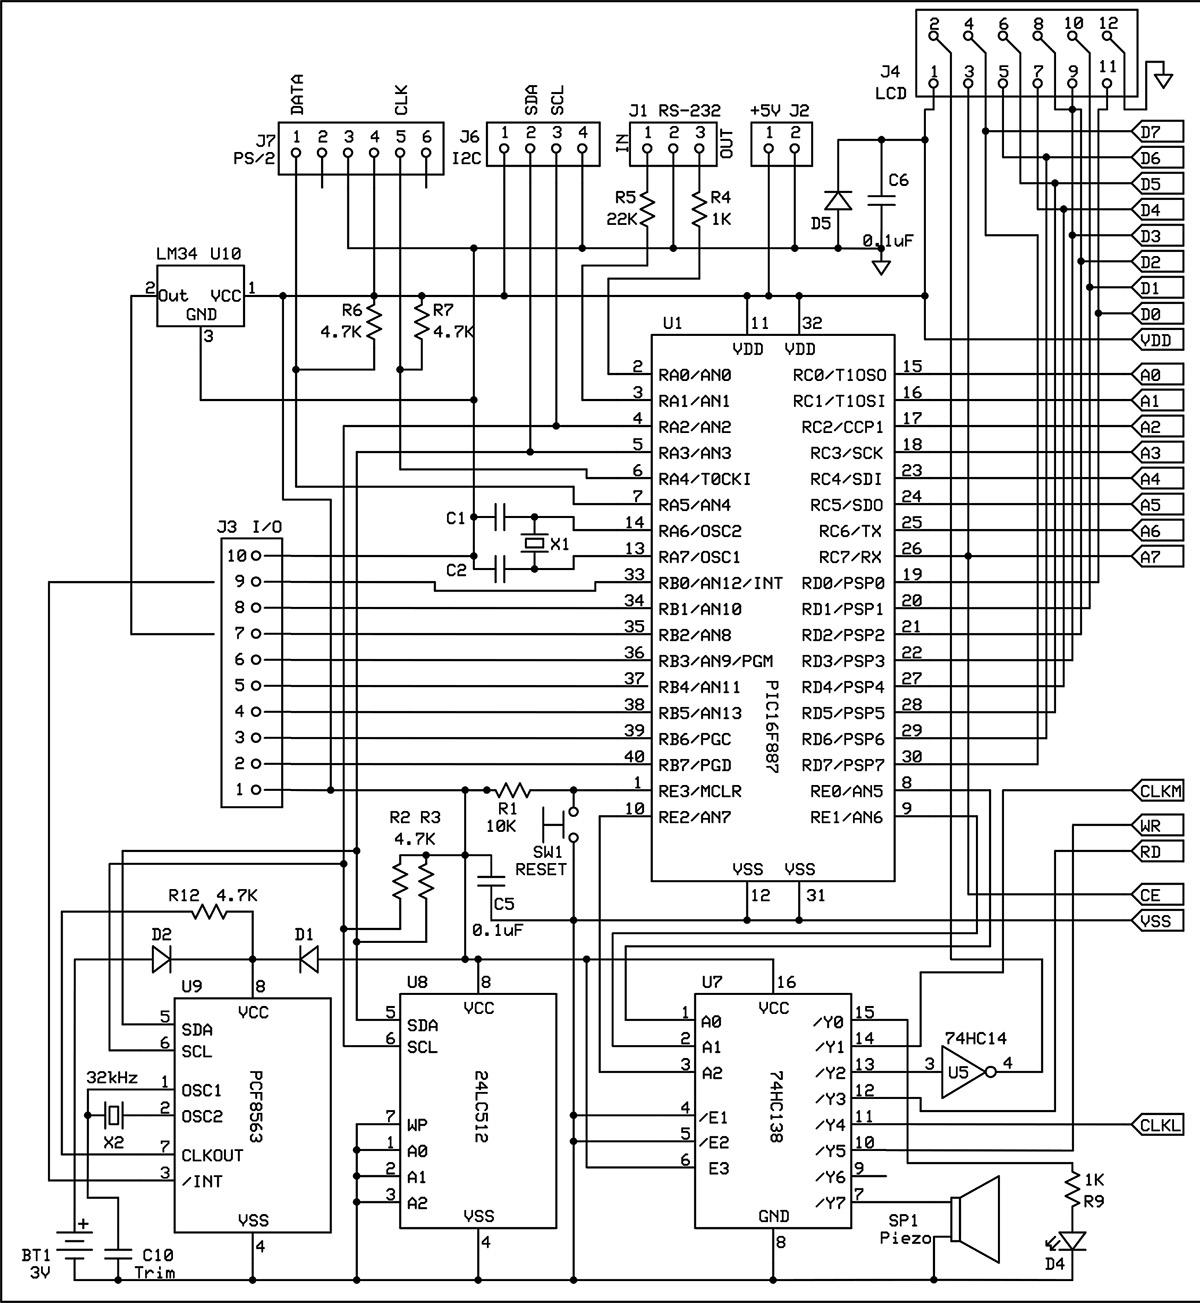 The Retro Pic Single Board Computer